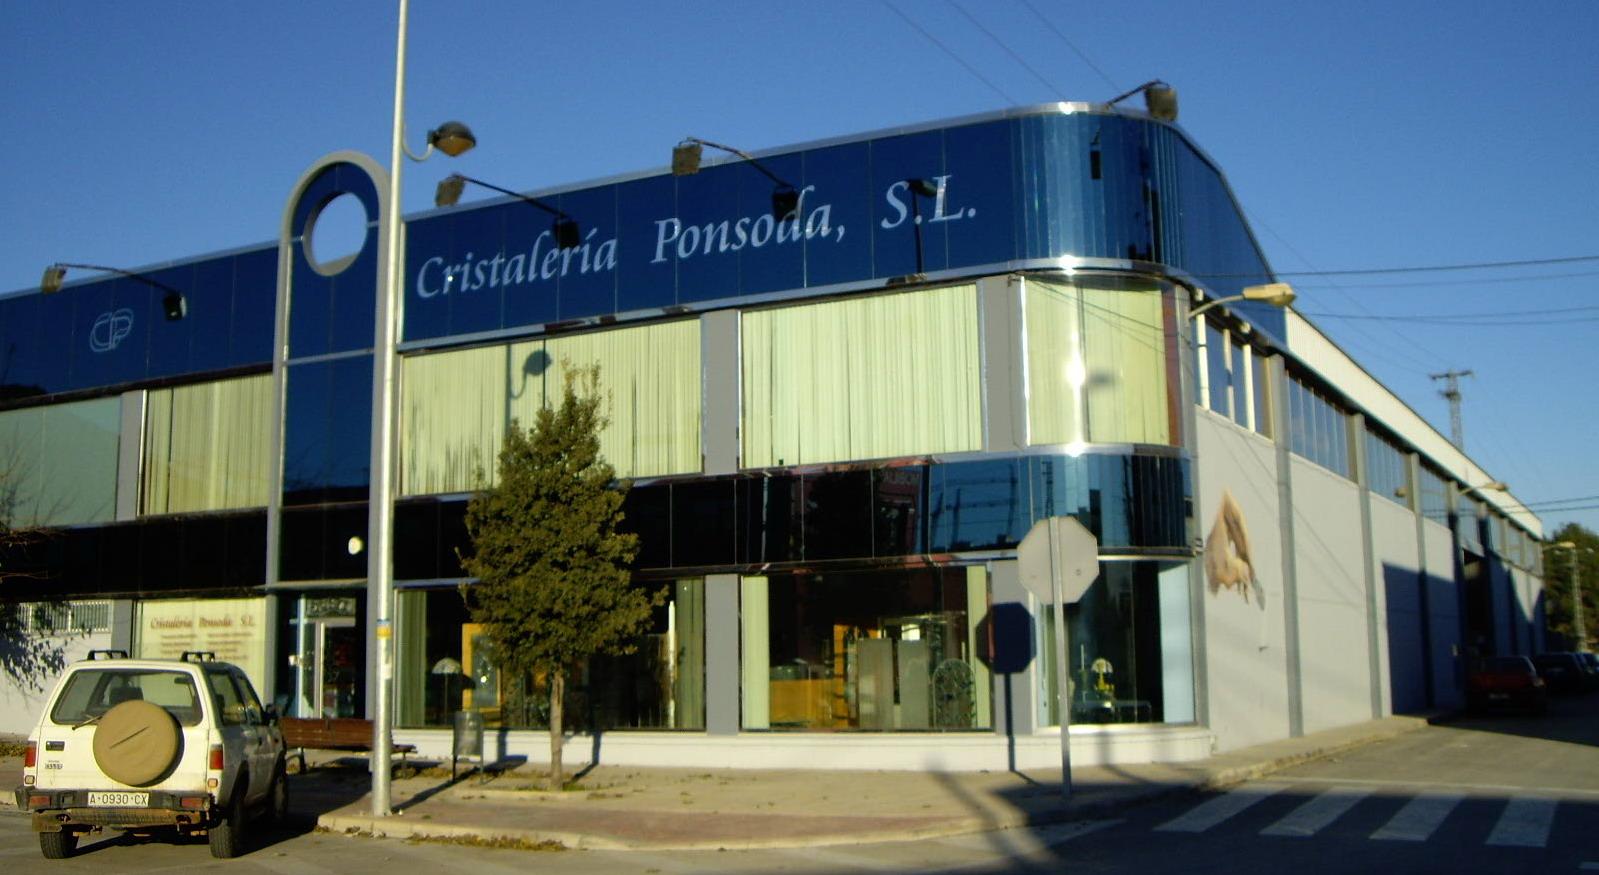 Puertas De Baño Vidrio Templado Quito:CRISTALERIA PONSODA, SL